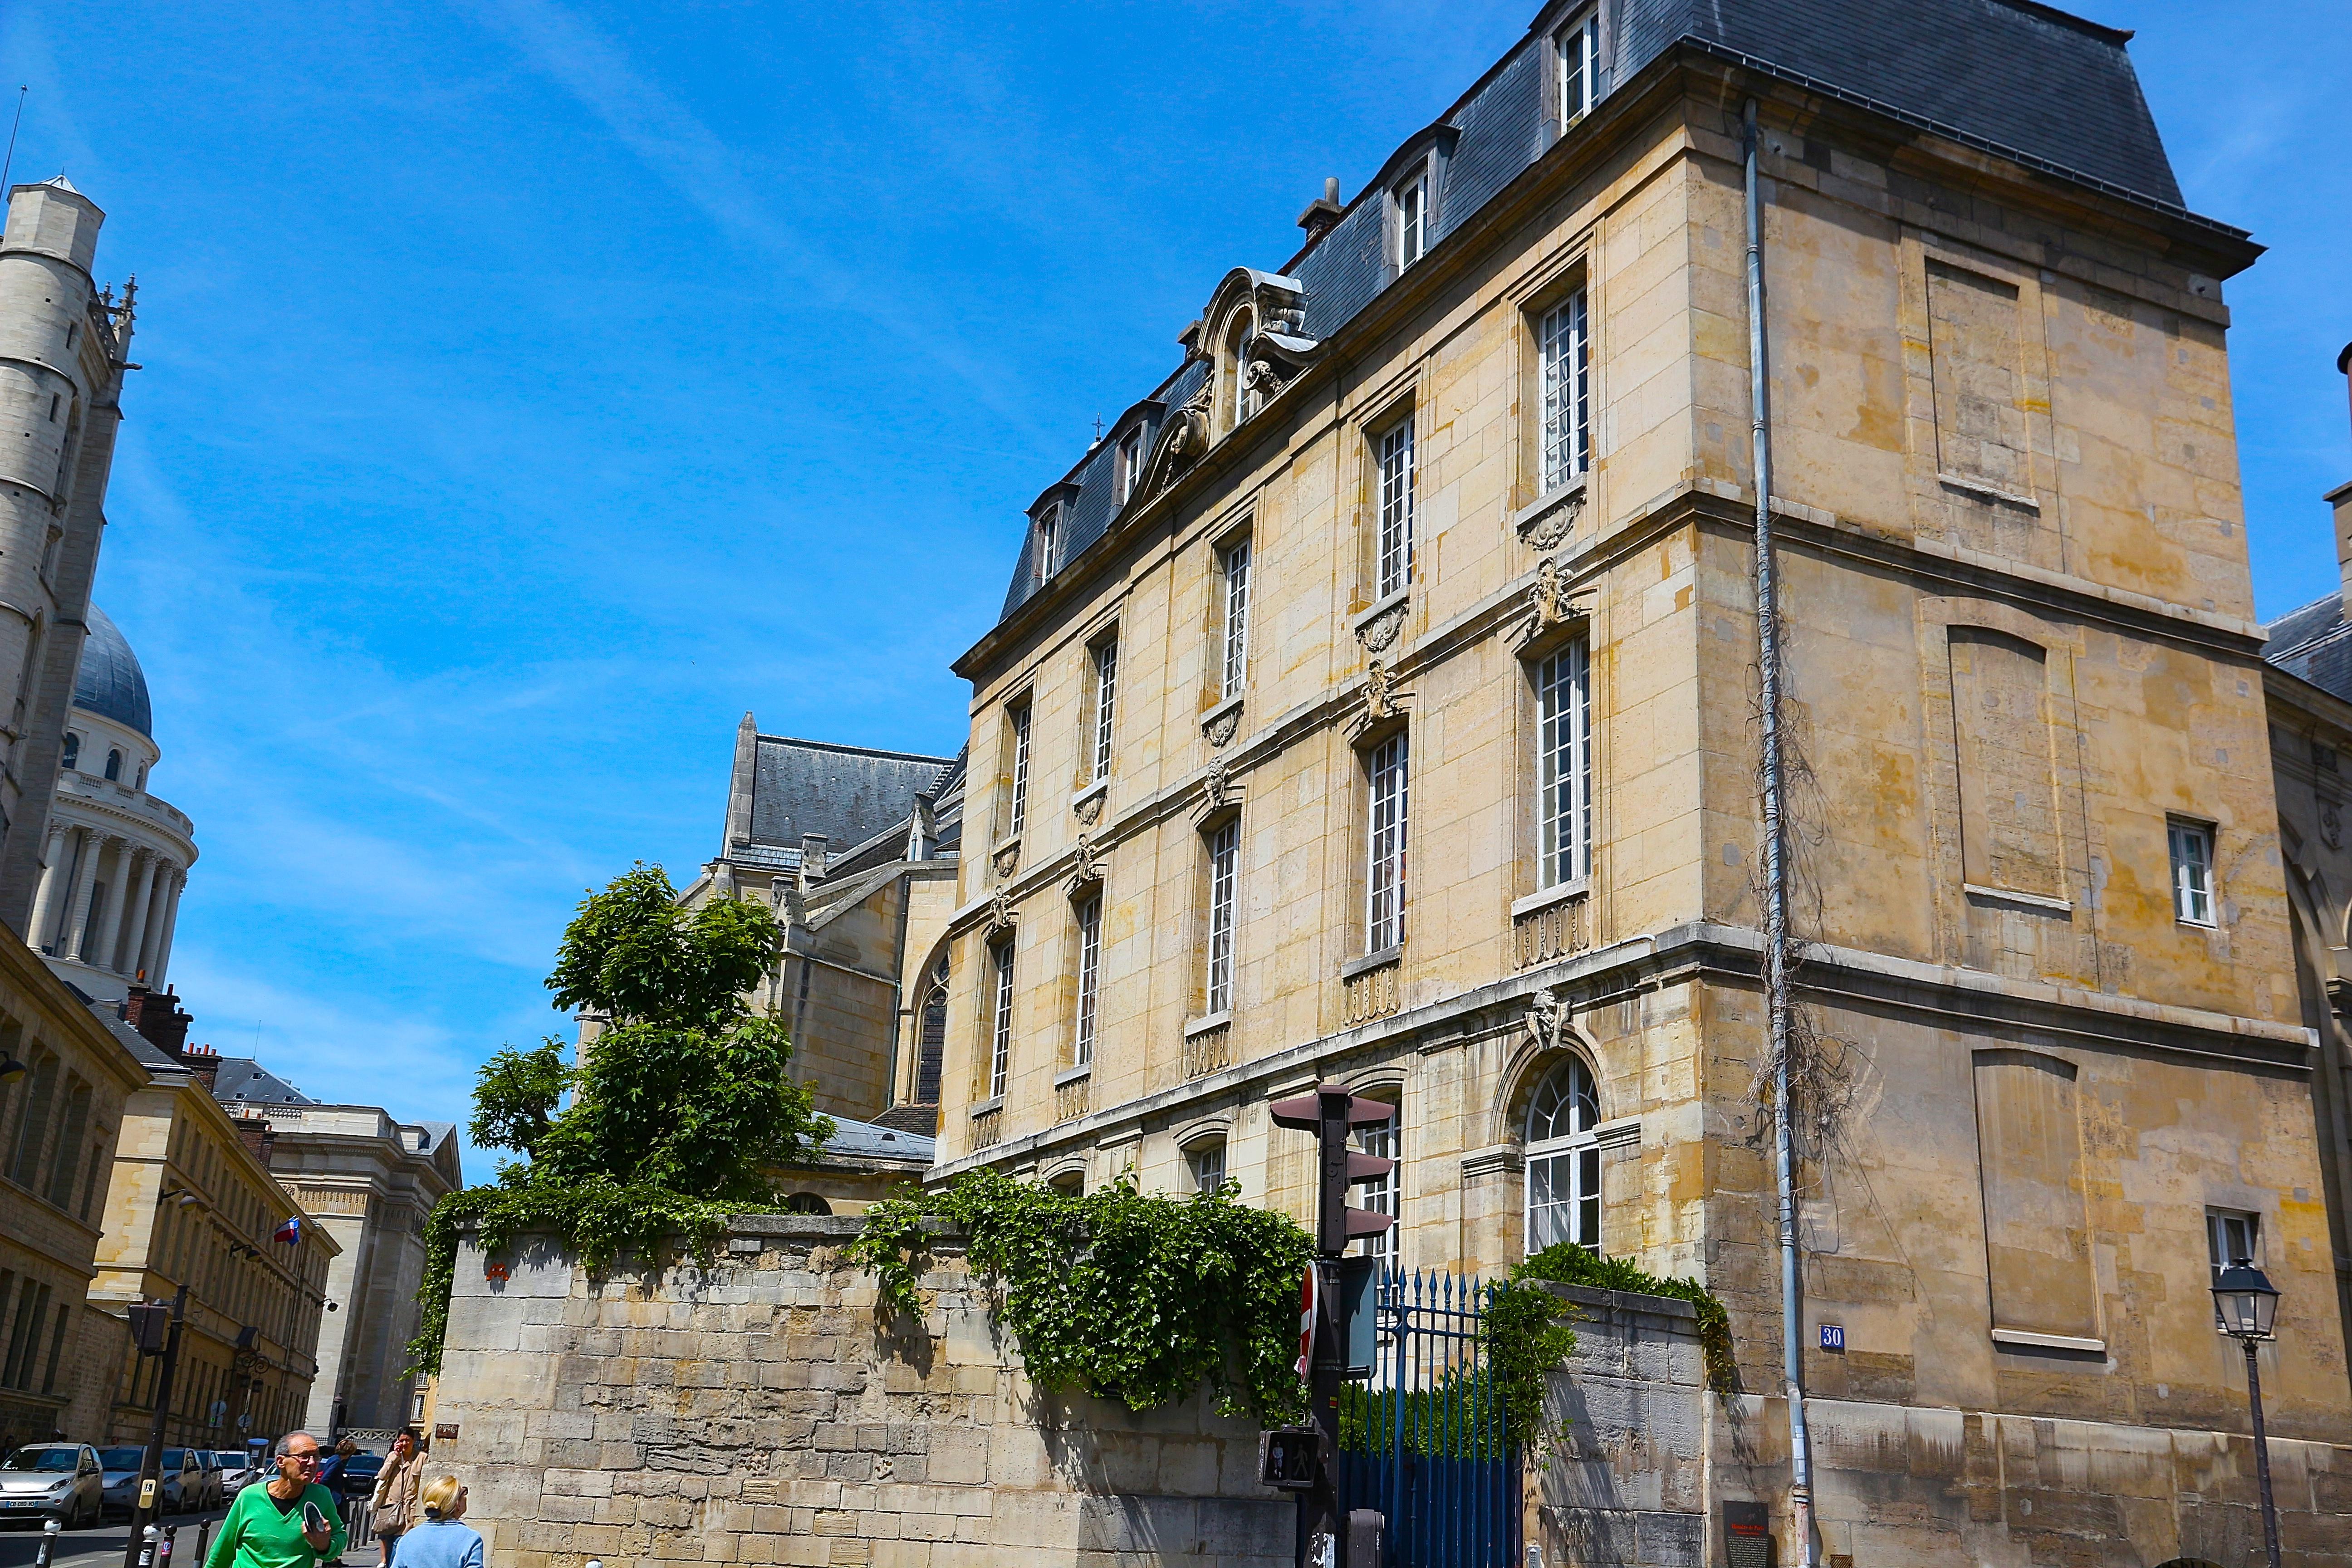 l'Hôtel du Duc d'Orléans